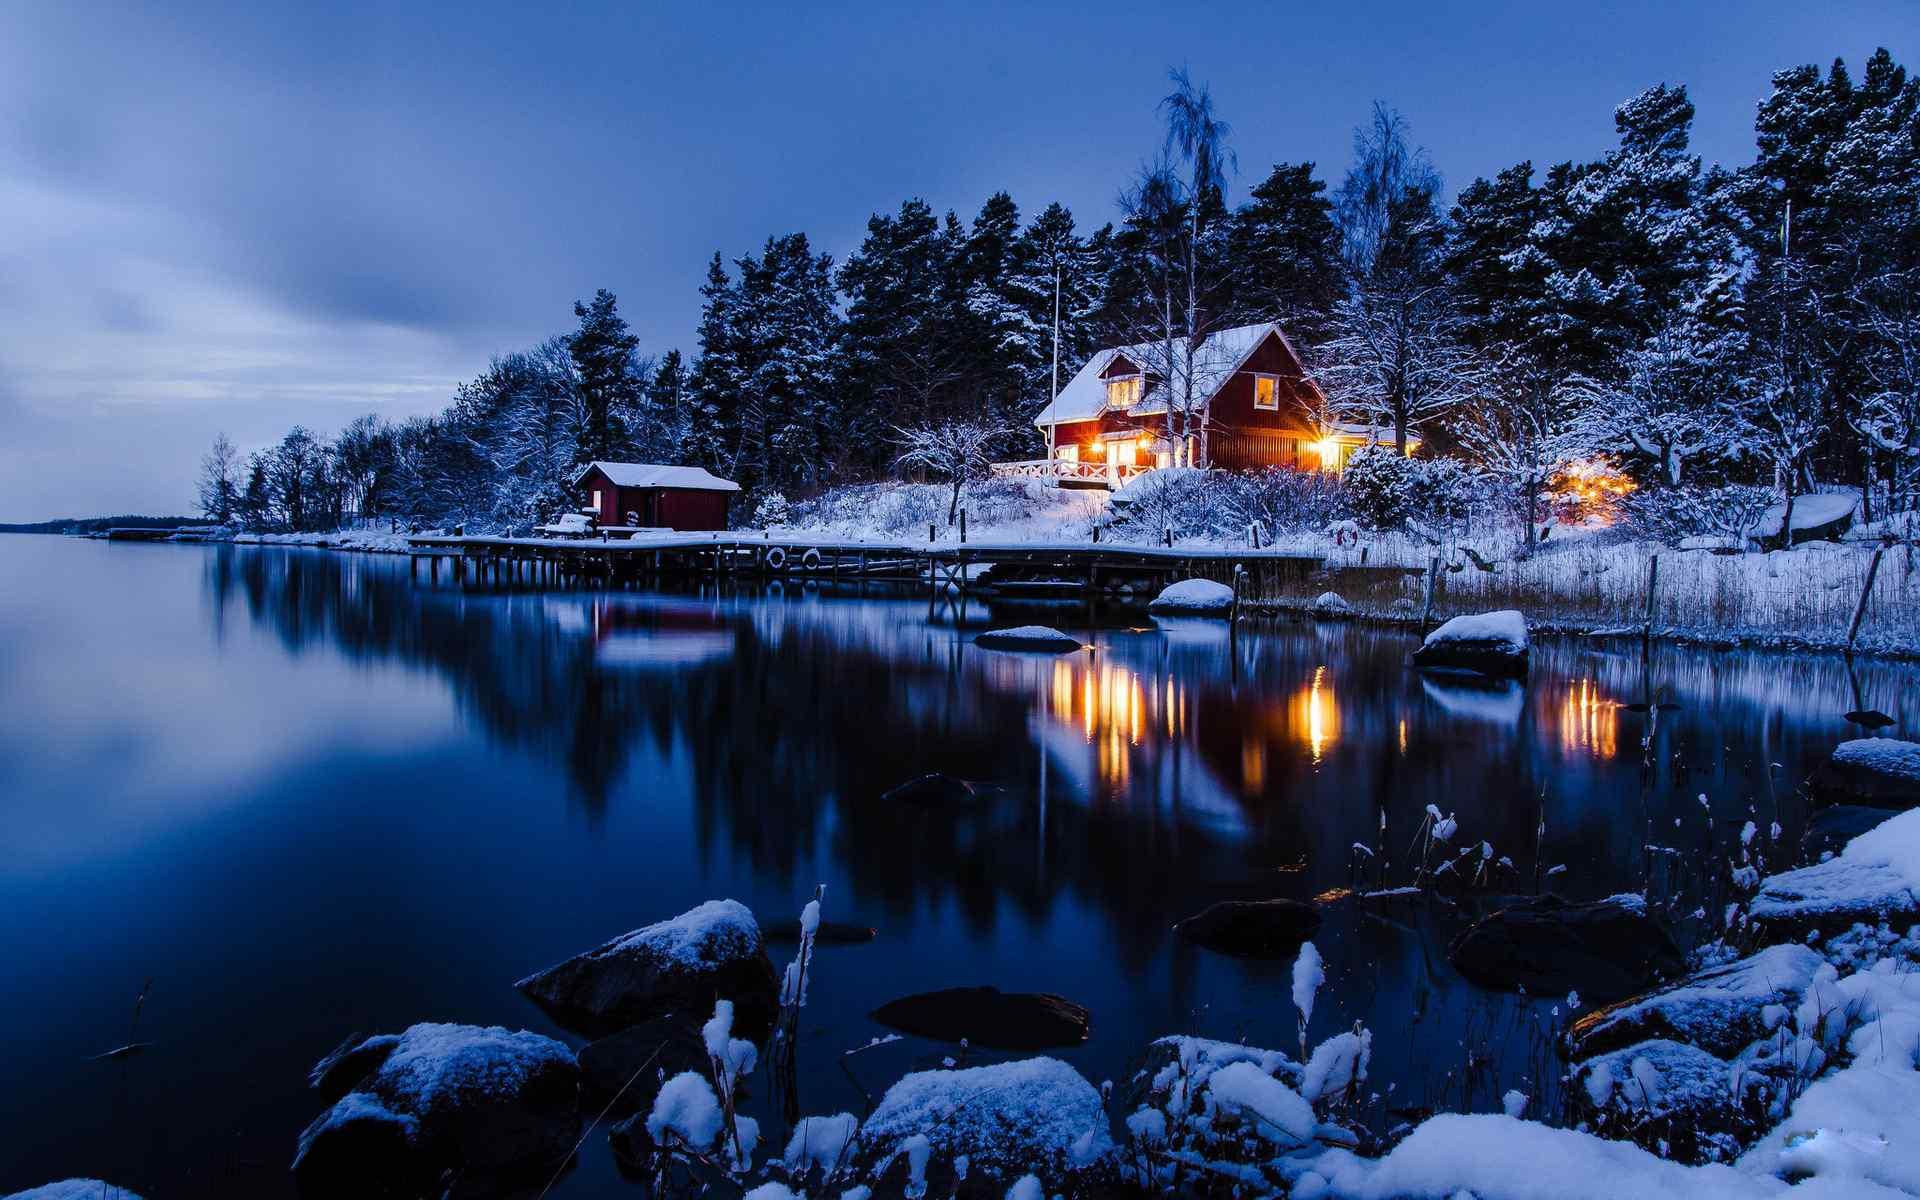 美丽雪景高清桌面壁纸图片